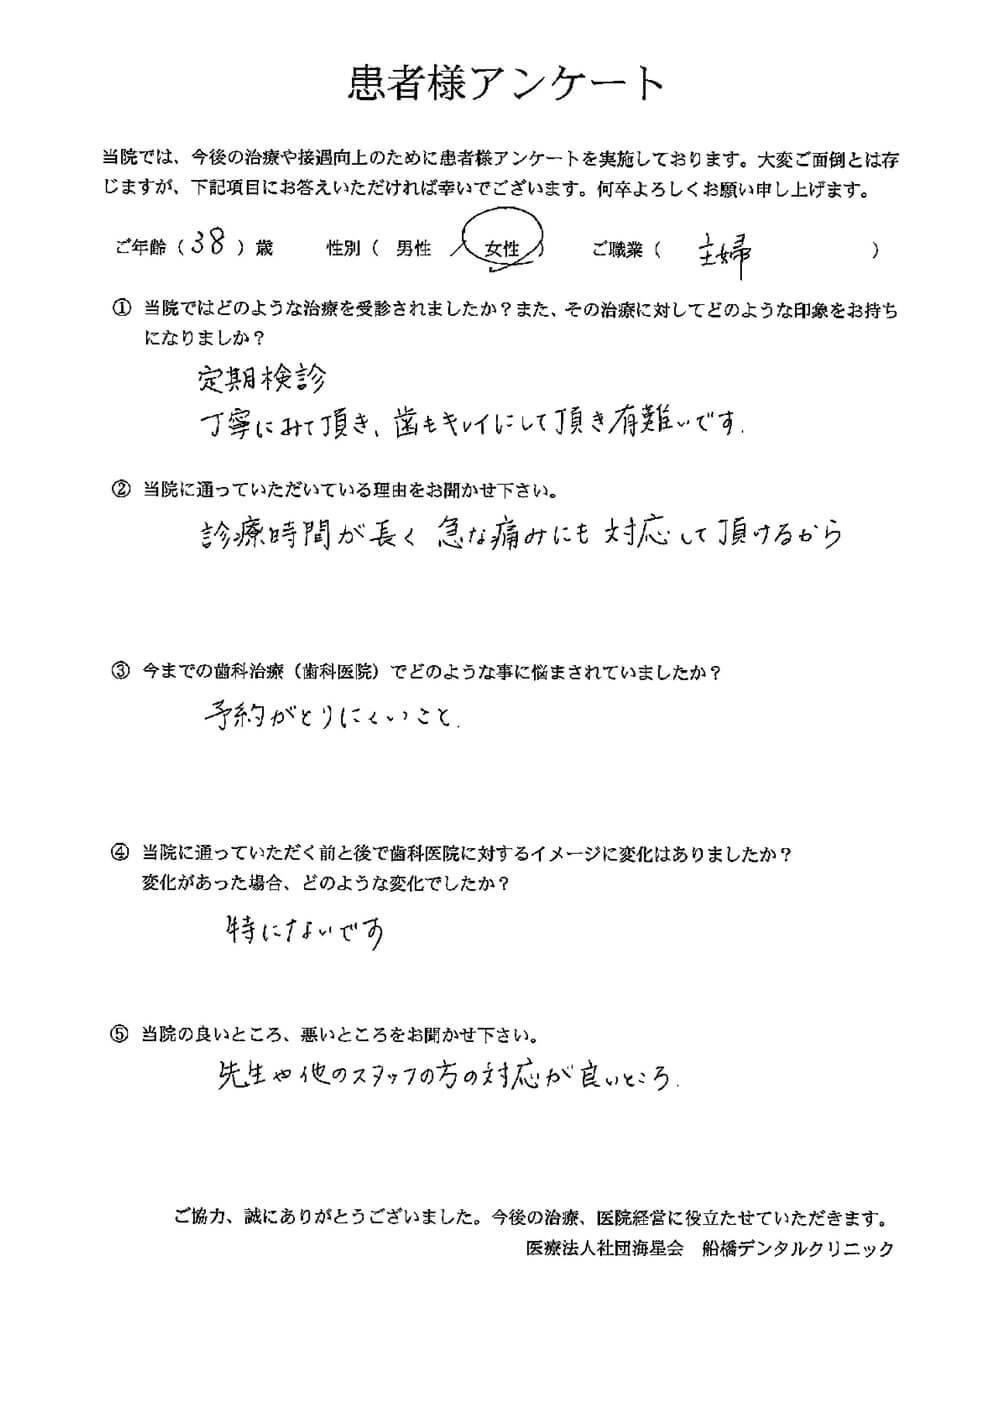 船橋デンタルクリニックの口コミ・評判アンケート10